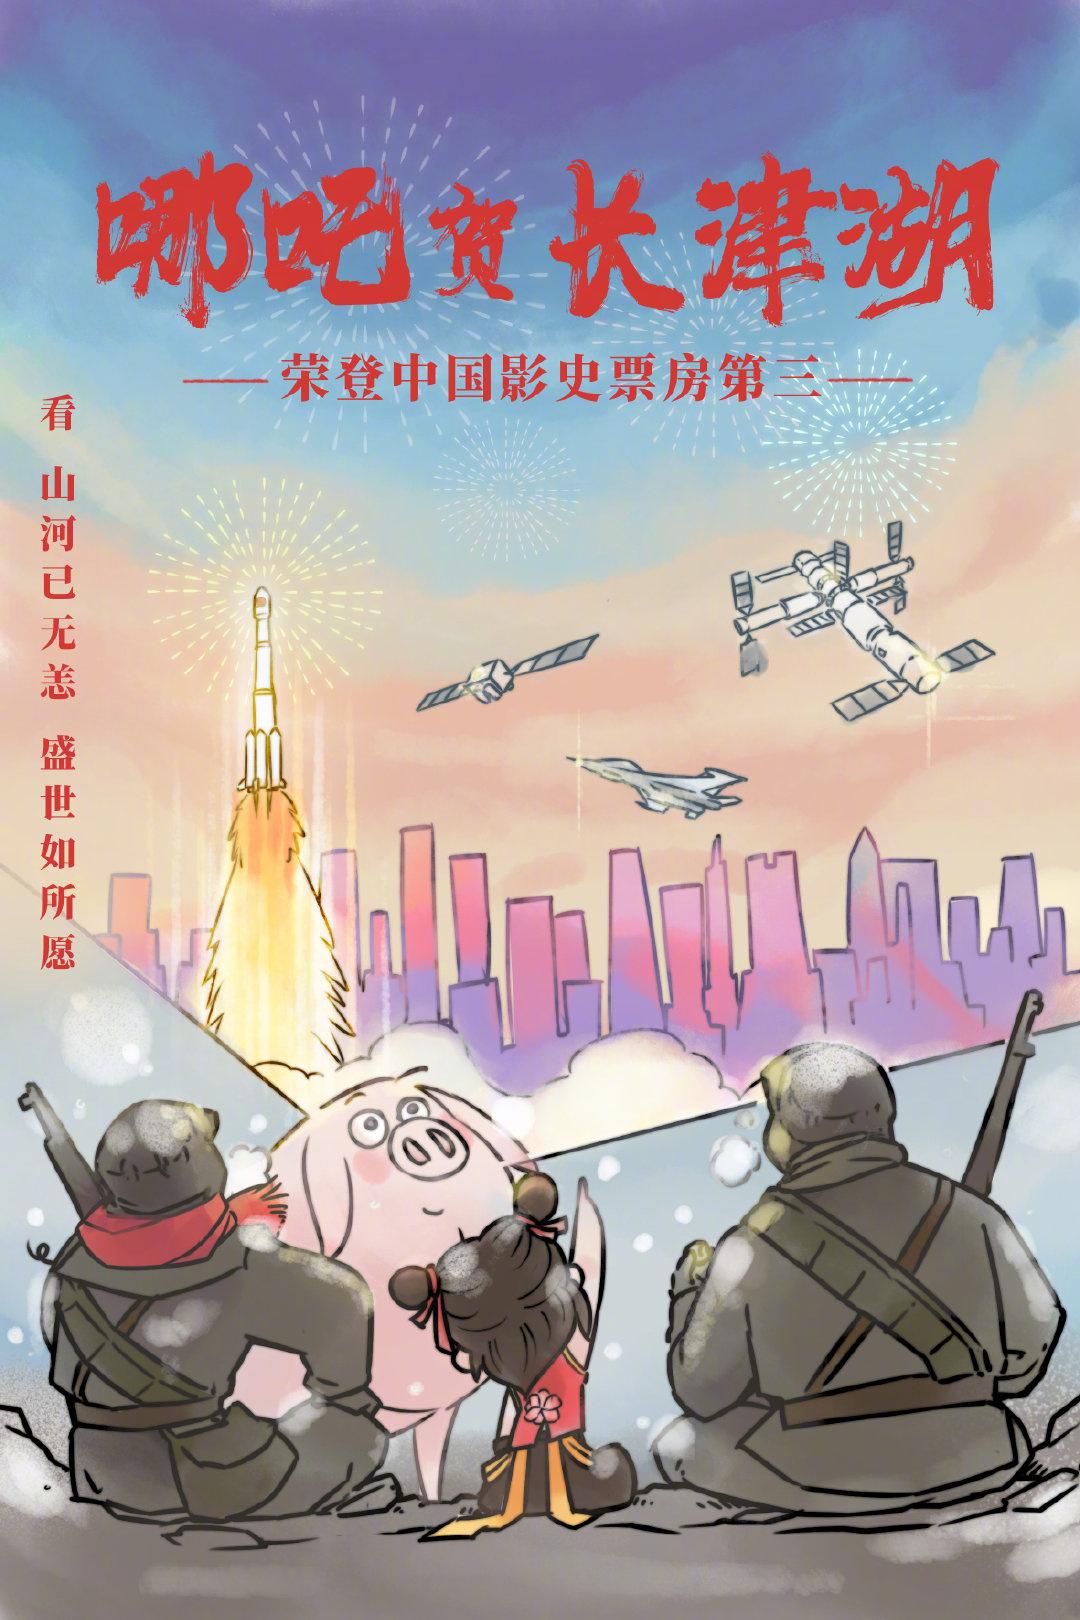 《长津湖》票房超《哪吒》 荣登中国影史票房第三